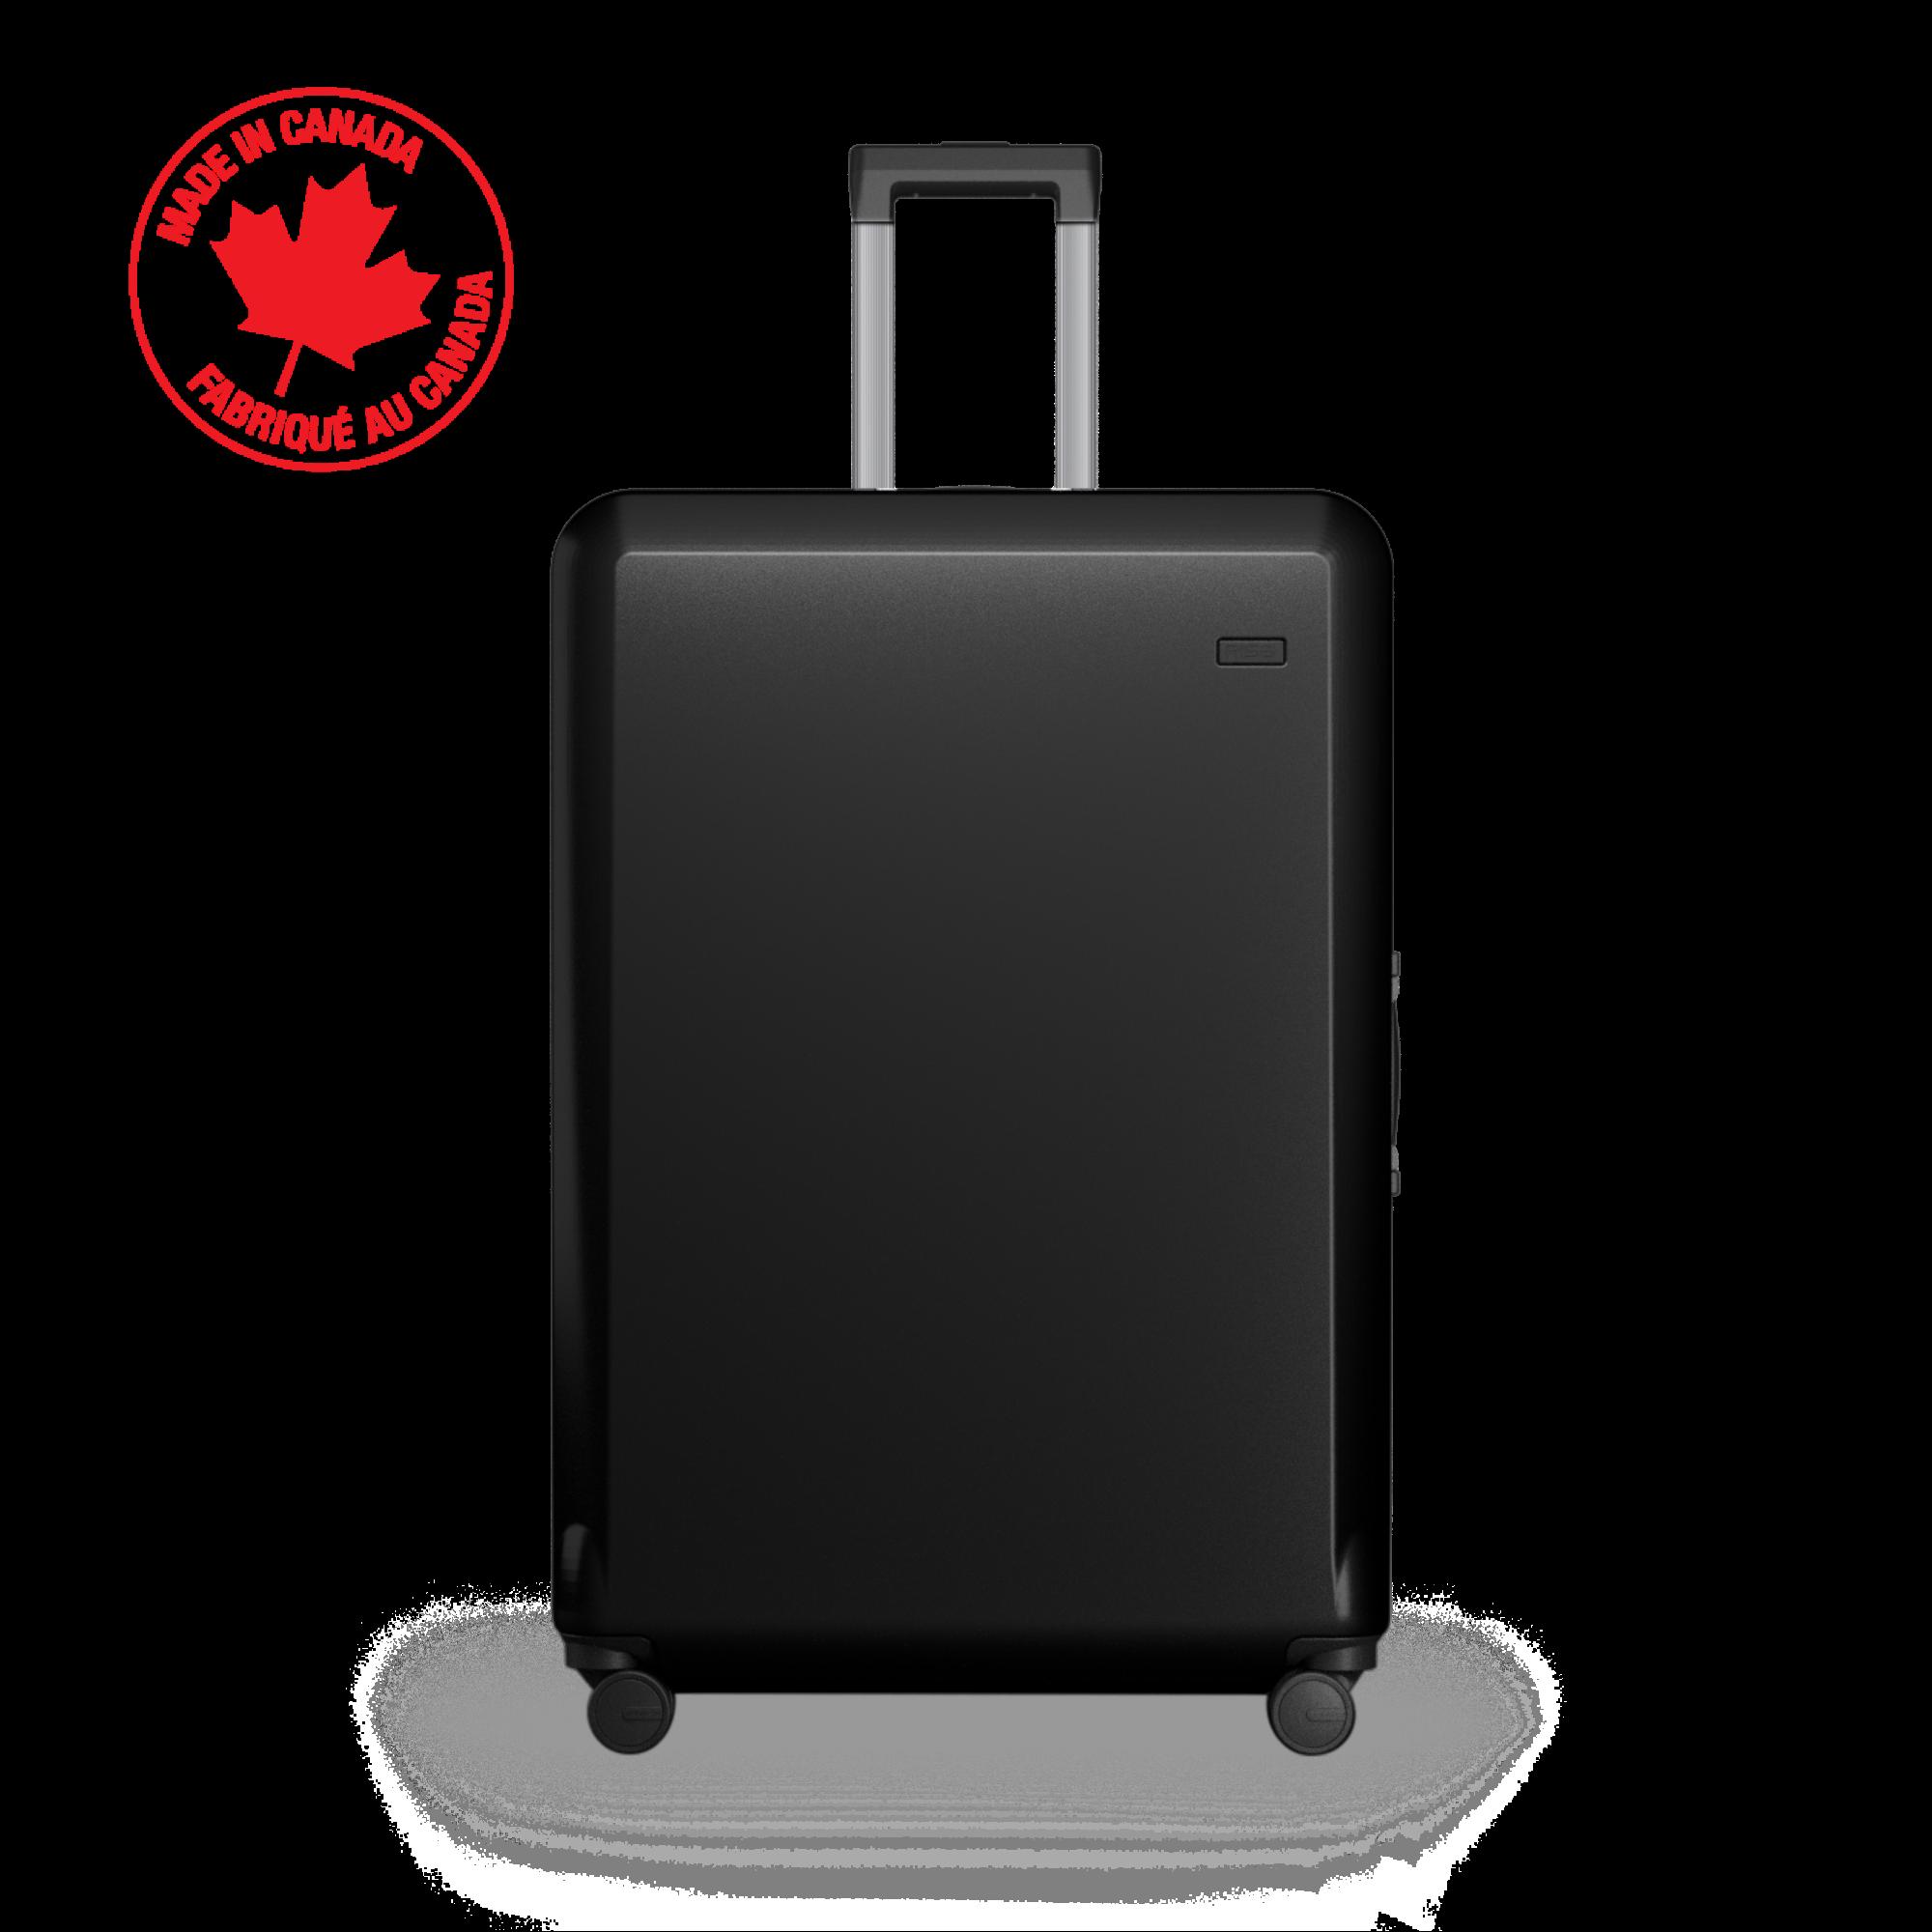 clipart transparent download Suitcase